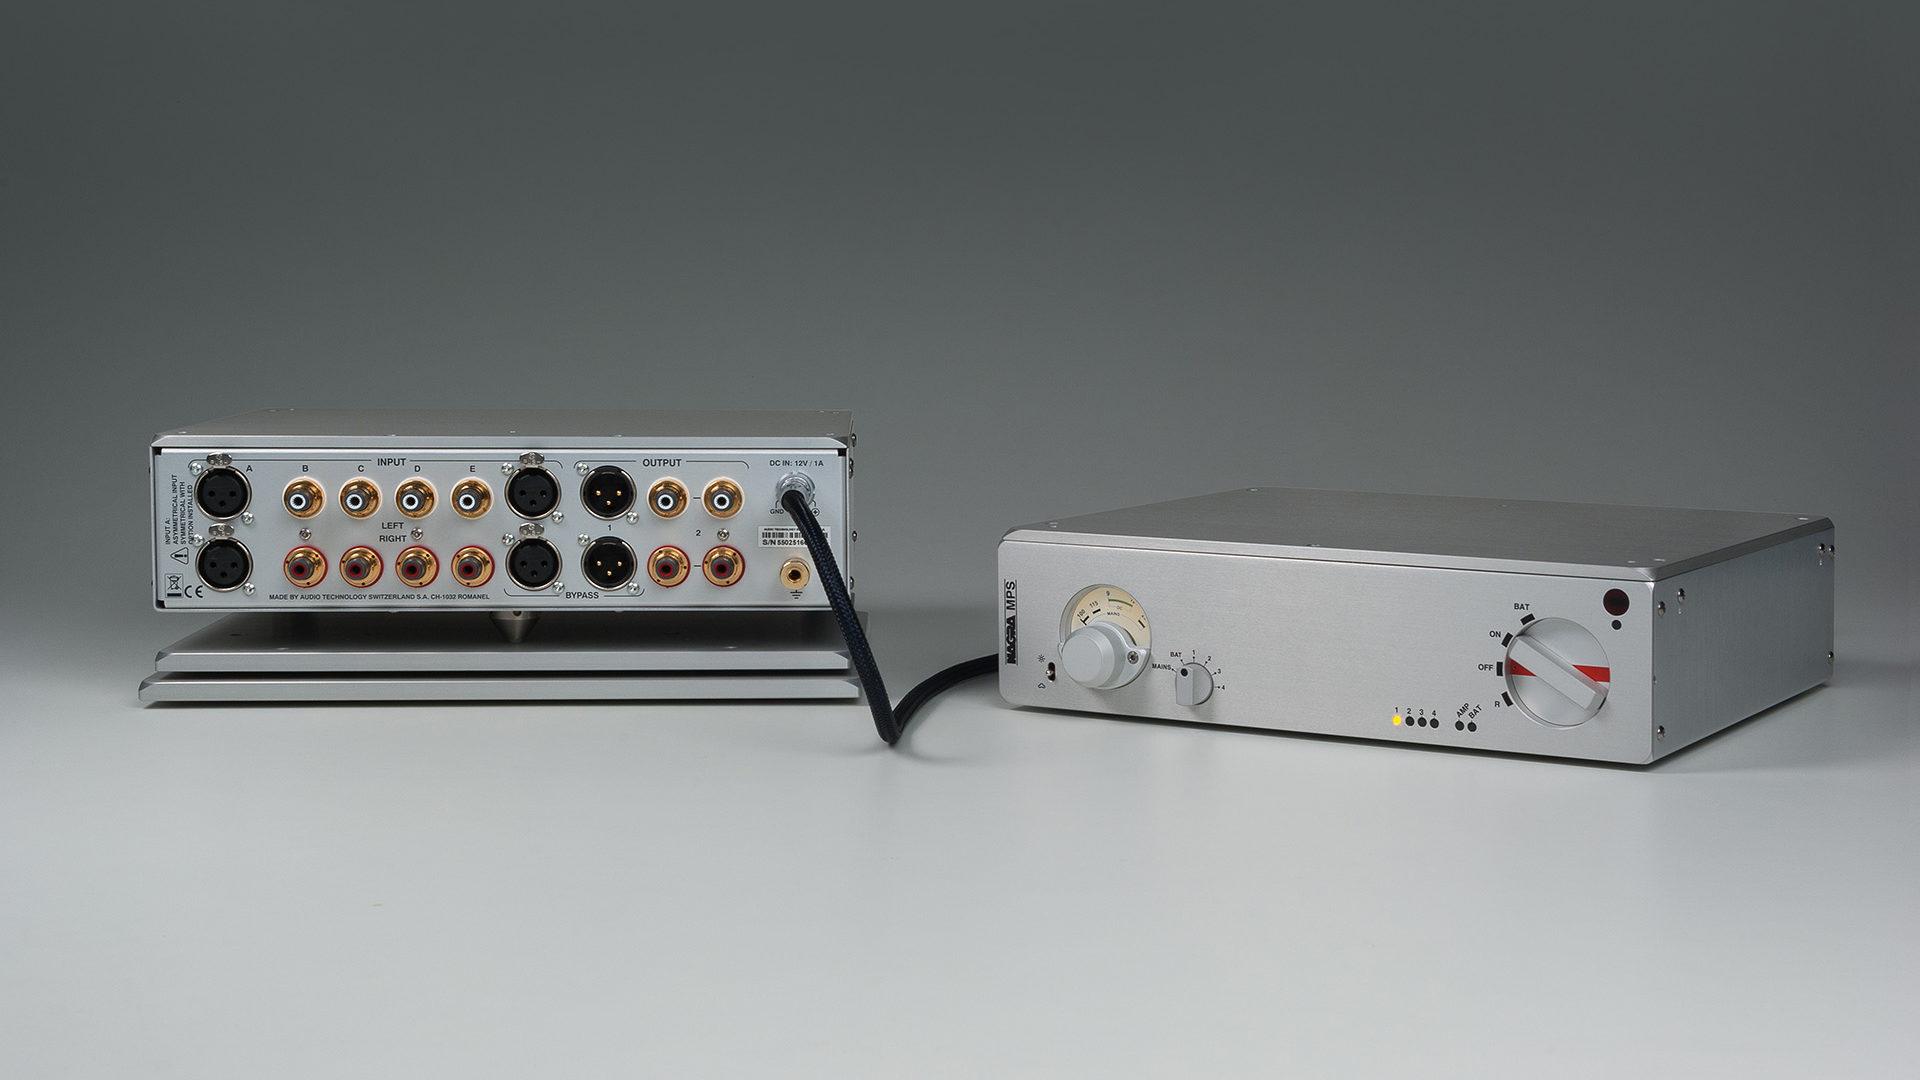 Nagra MPS Multiple power supply front modulometer peclette battery